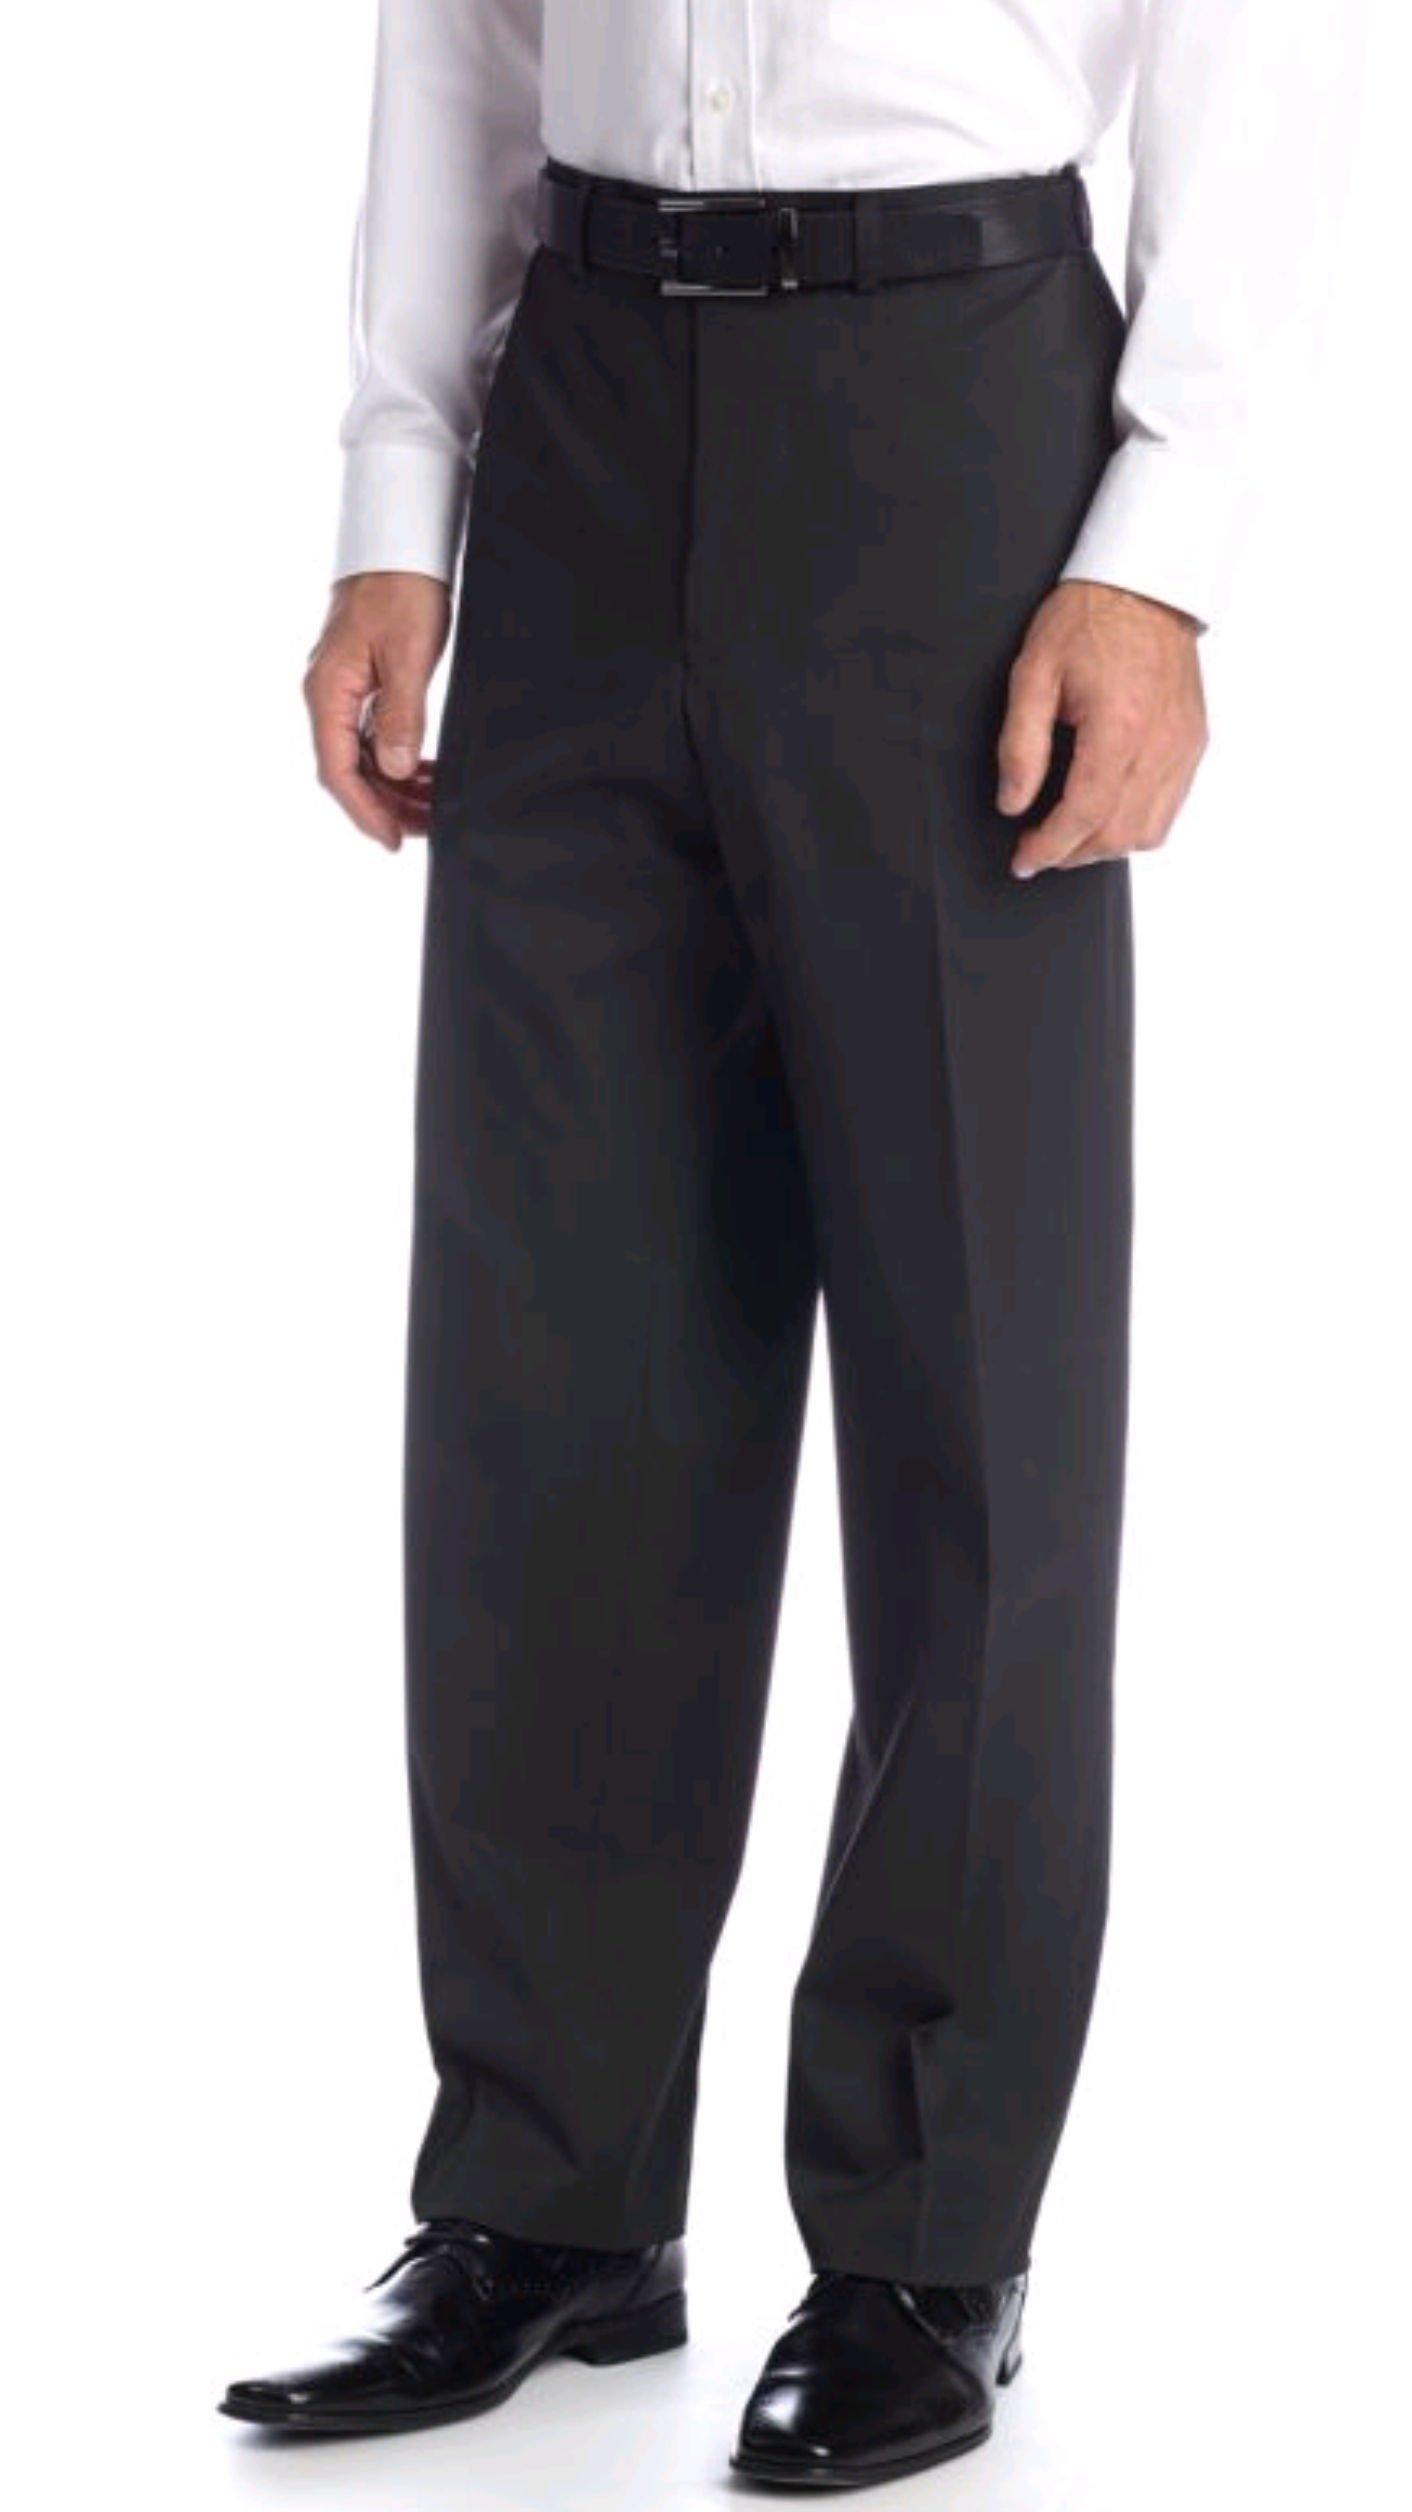 IZOD Men's Classic Fit Suit Separates Fine Stripe Pants, Black (32WX30L)